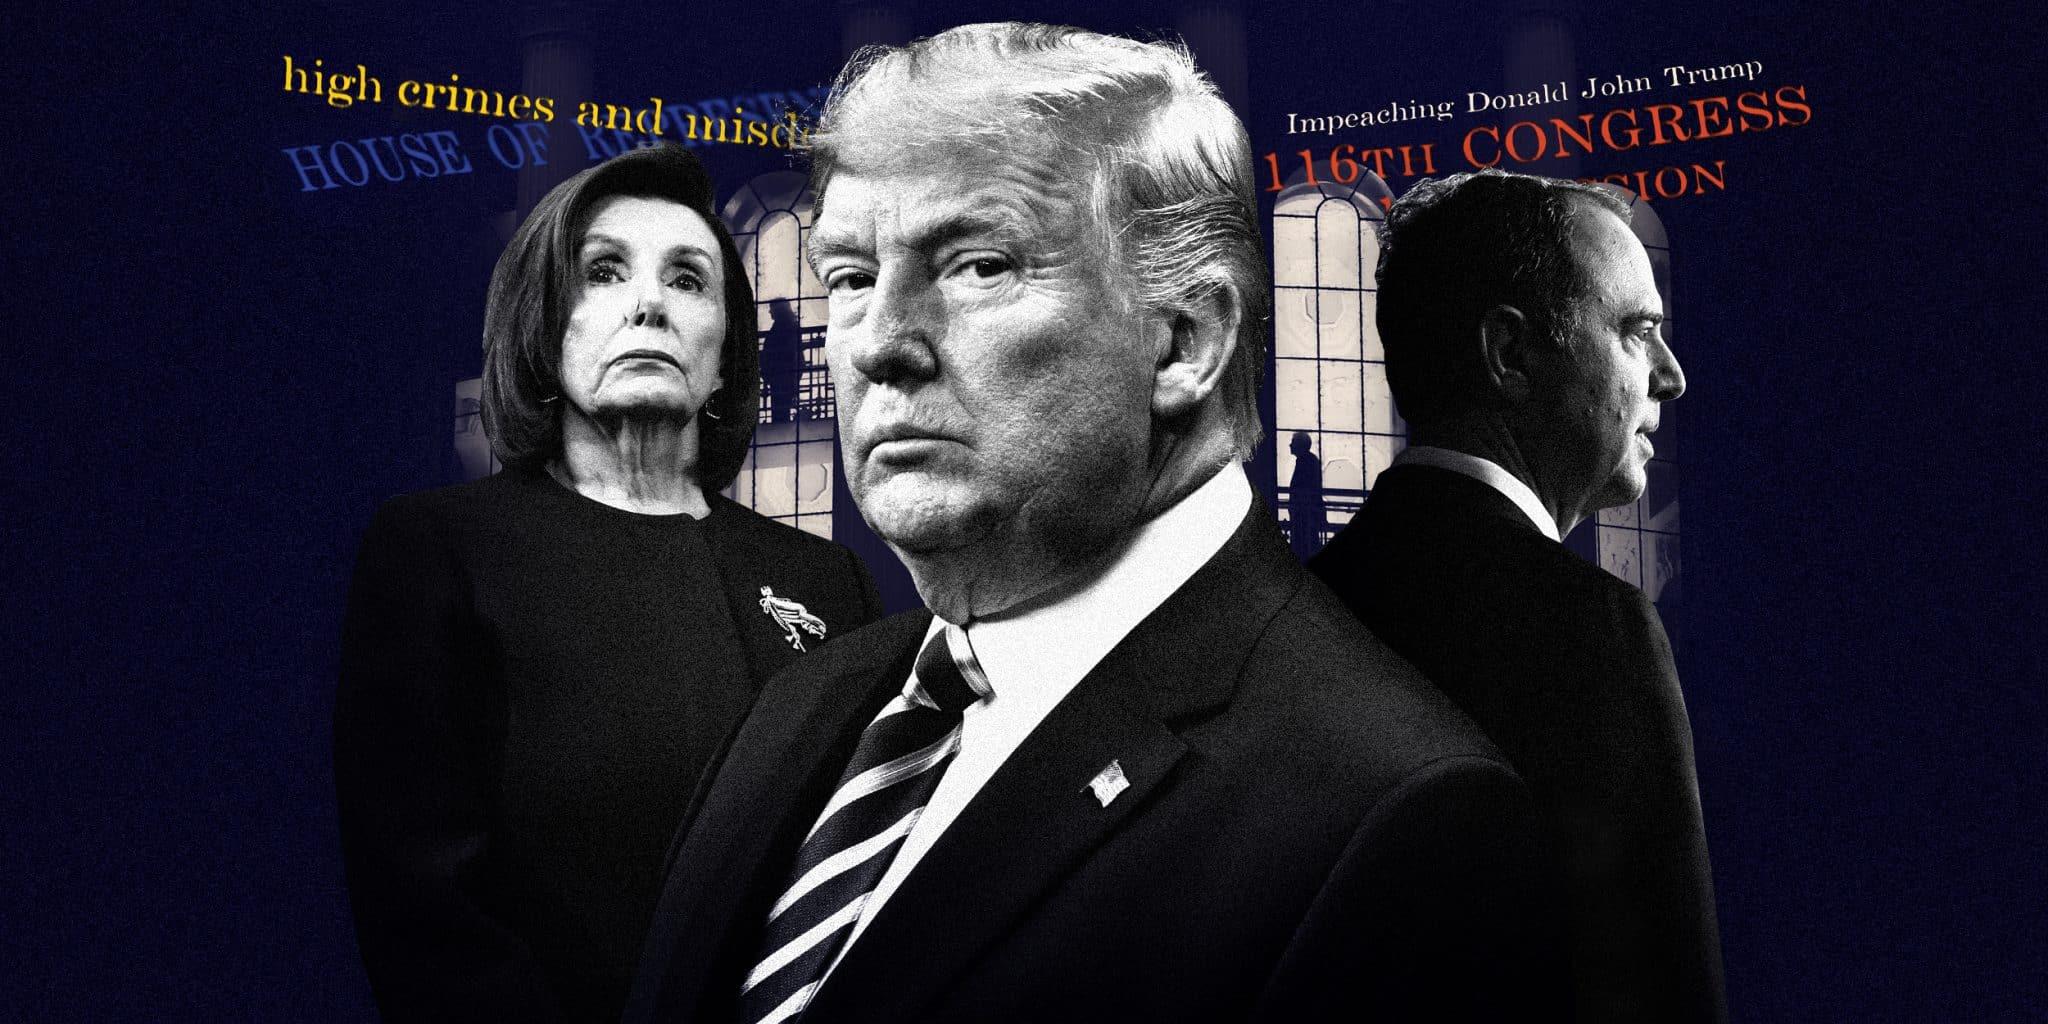 Donald Trump è sotto impeachment